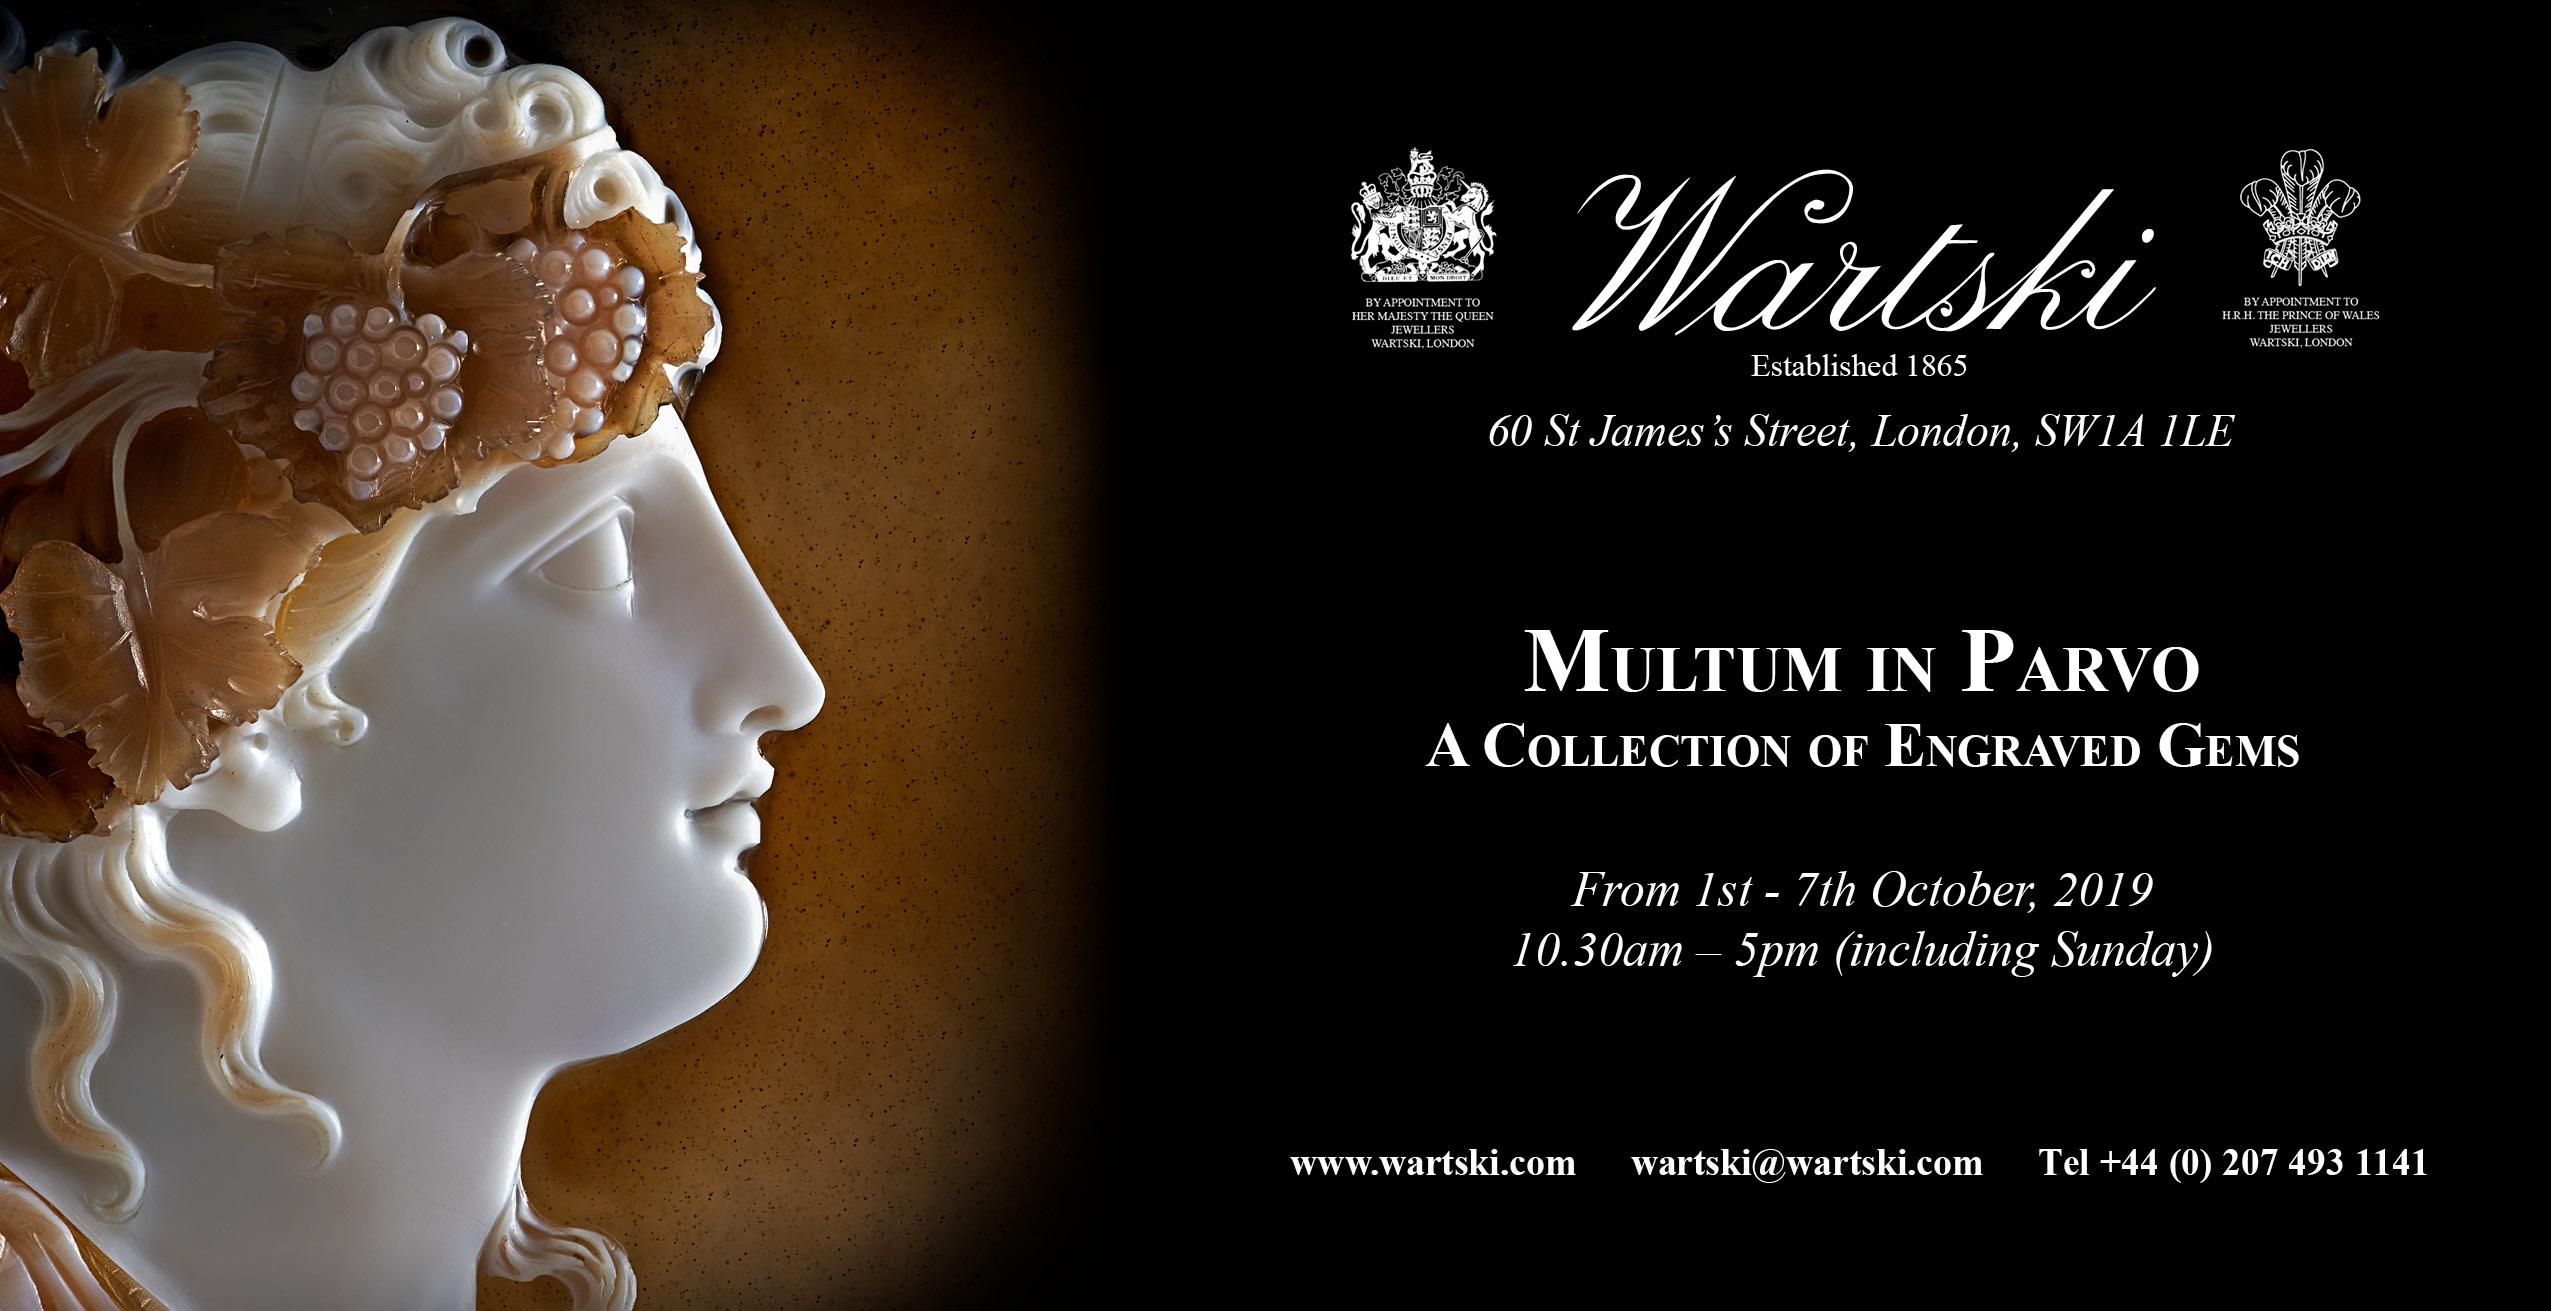 Wartski exhibition flyer for website